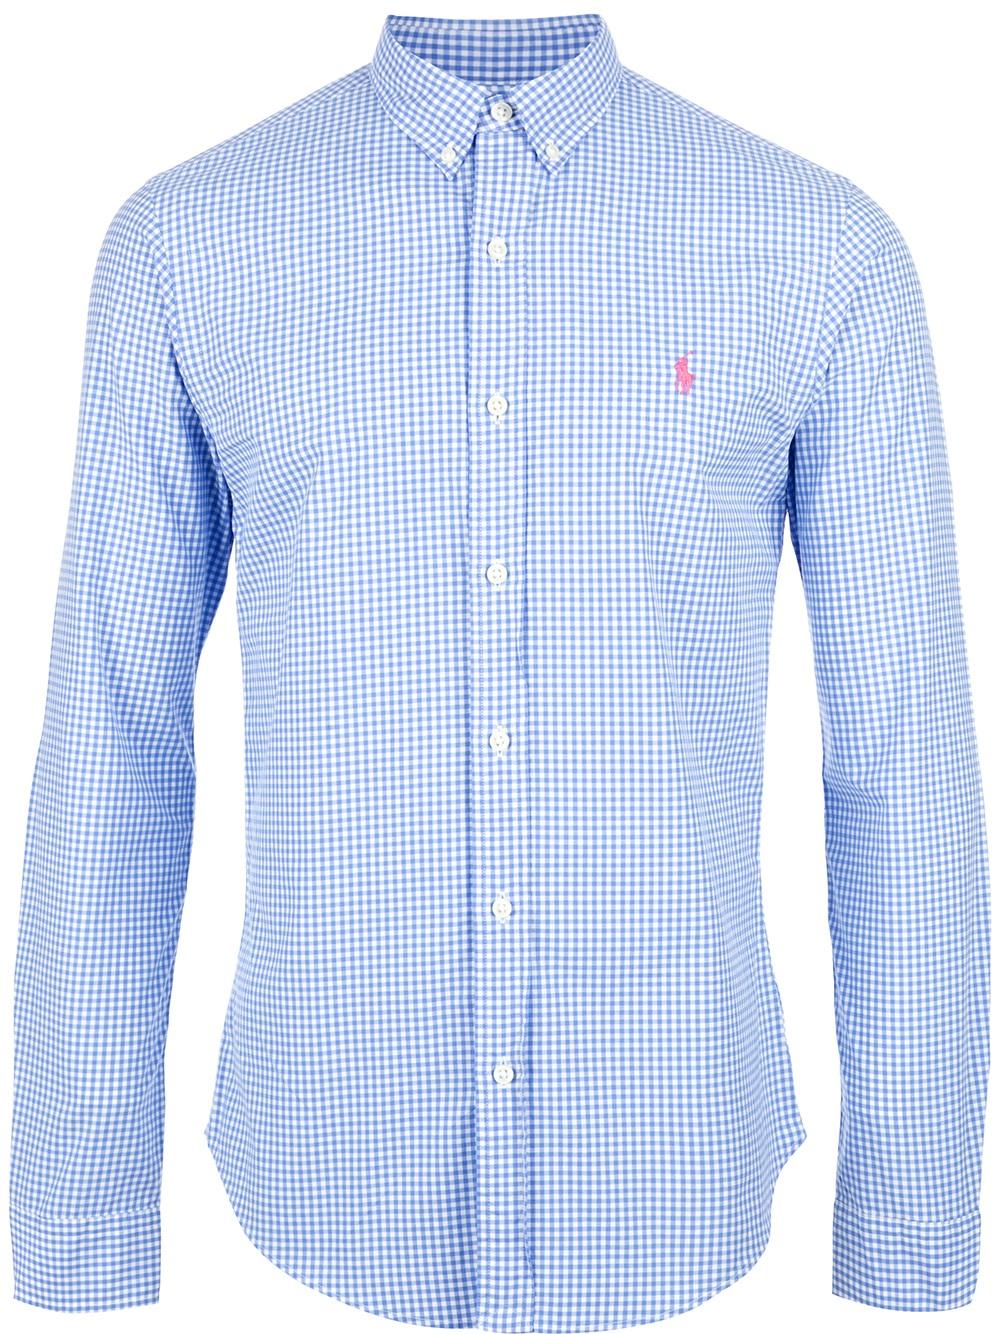 Lyst Polo Ralph Lauren Gingham Shirt In White For Men